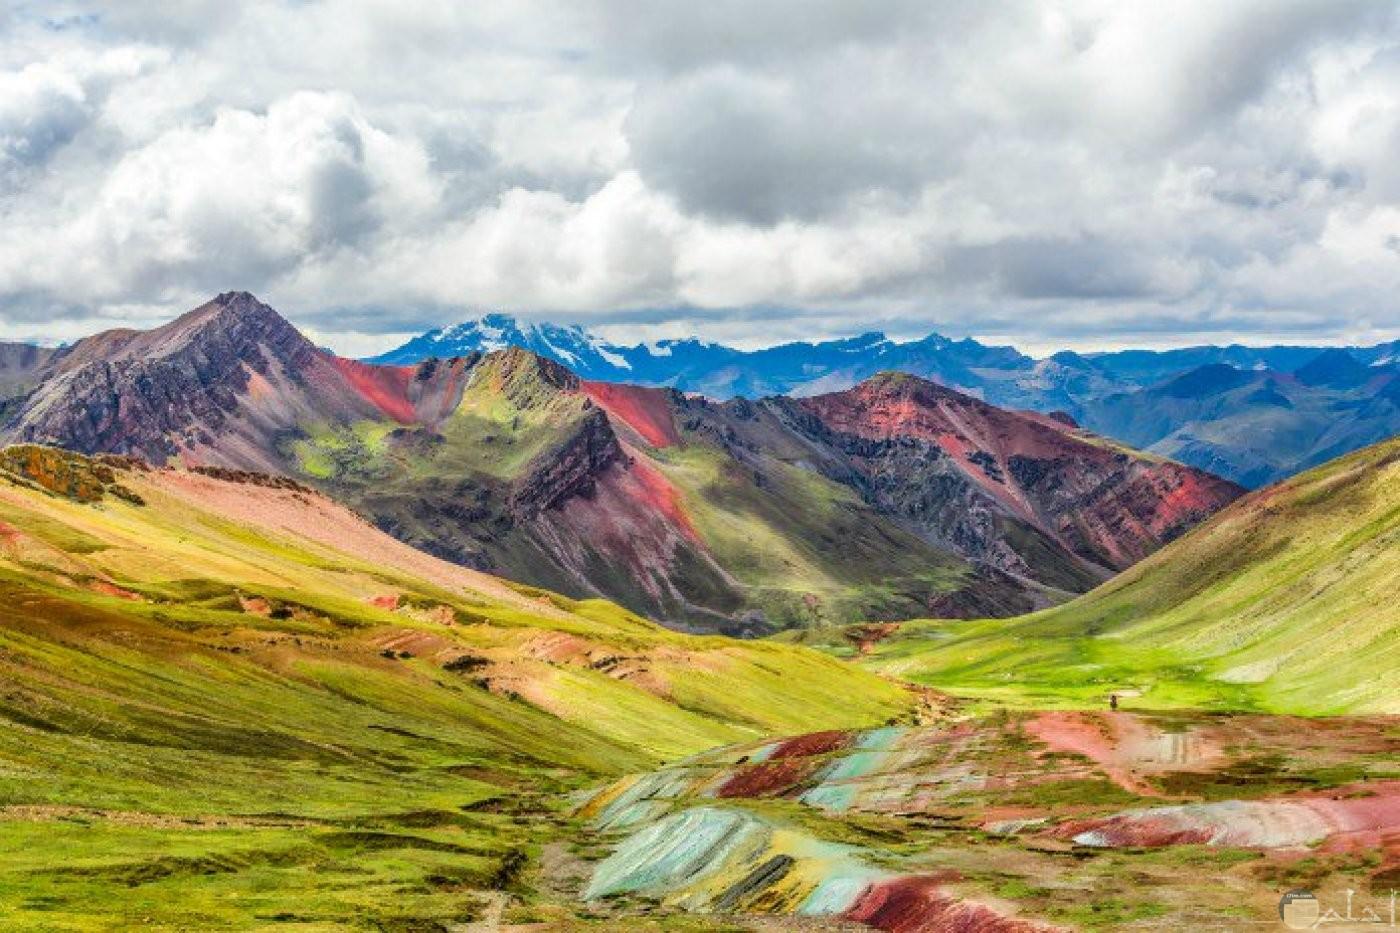 سحر و جمال الجبال الملونة.